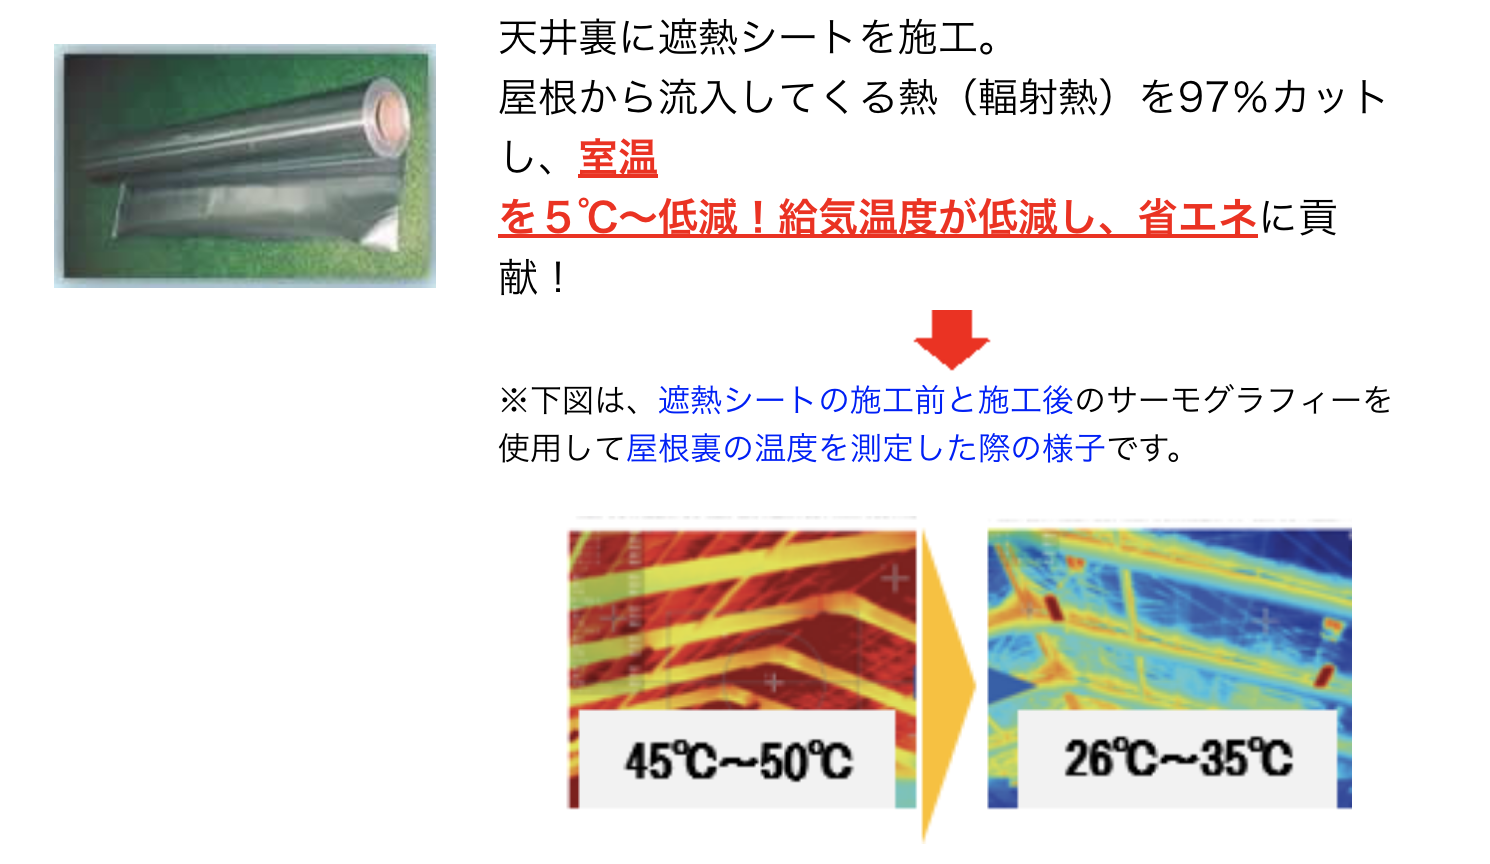 天井裏に遮熱シートを施工。 屋根から流入してくる熱(輻射熱)を97%カットし、室温 を5℃~低減!給気温度が低減し、省エネに貢献! 矢印 ※下図は、遮熱シートの施工前と施工後のサーモグラフィーを使用して屋根裏の温度を測定した際の様子です。